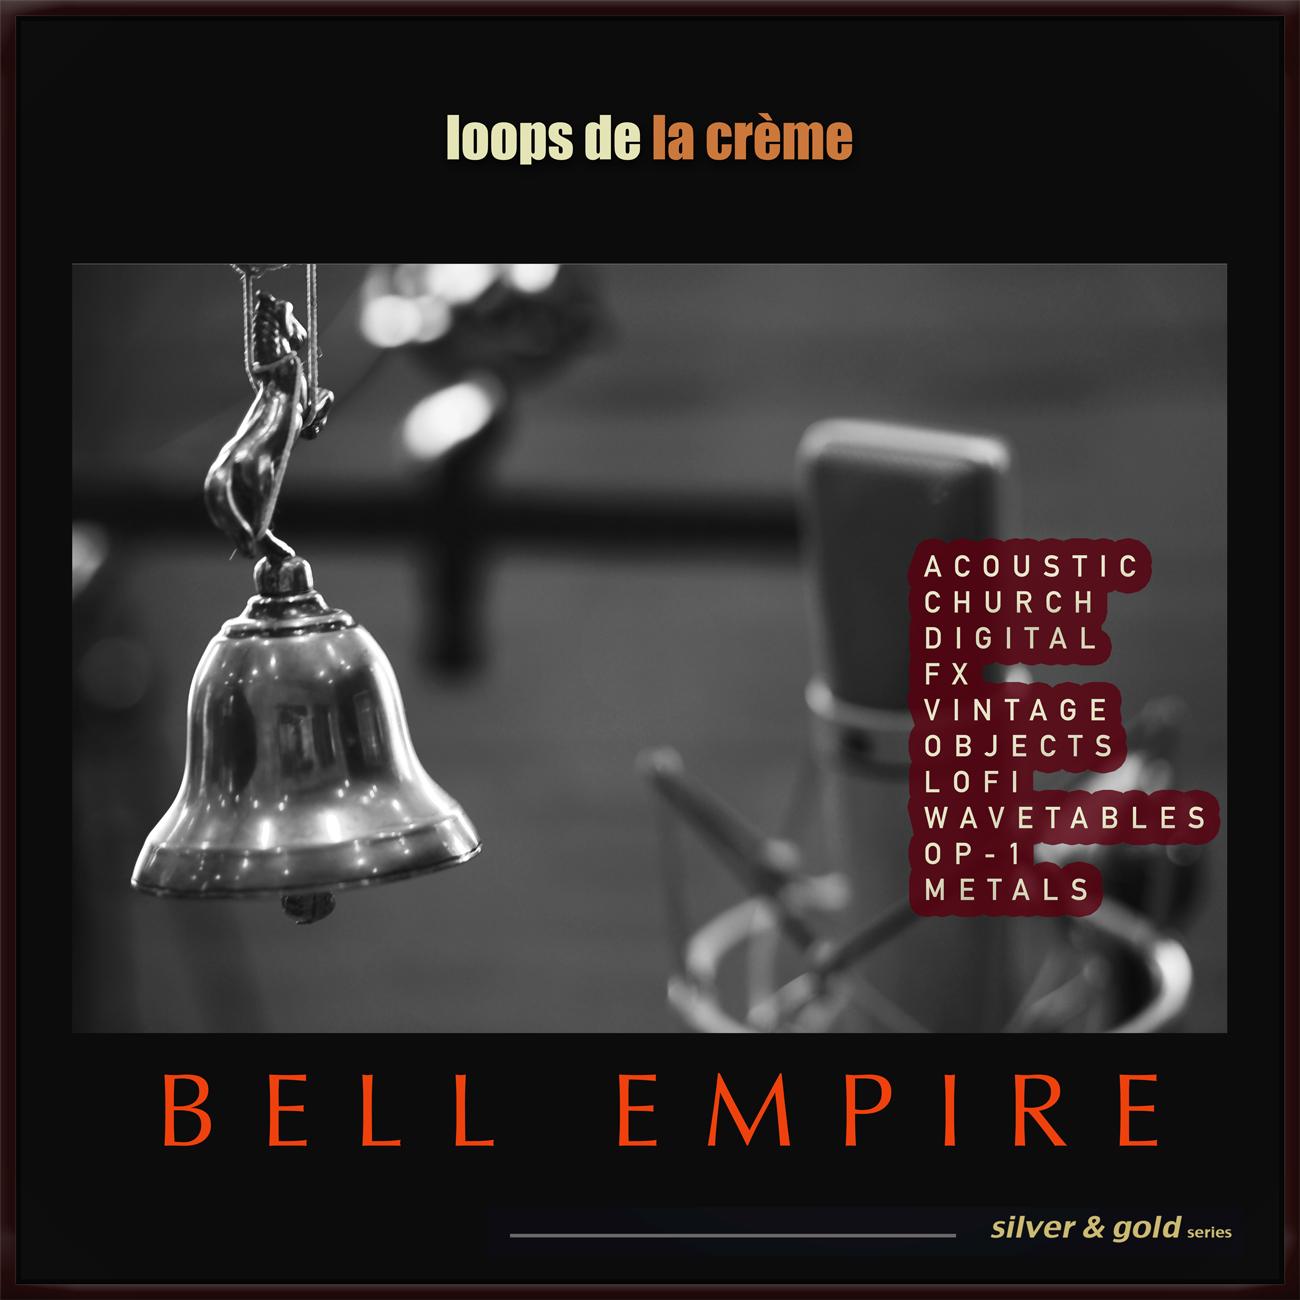 bell empire